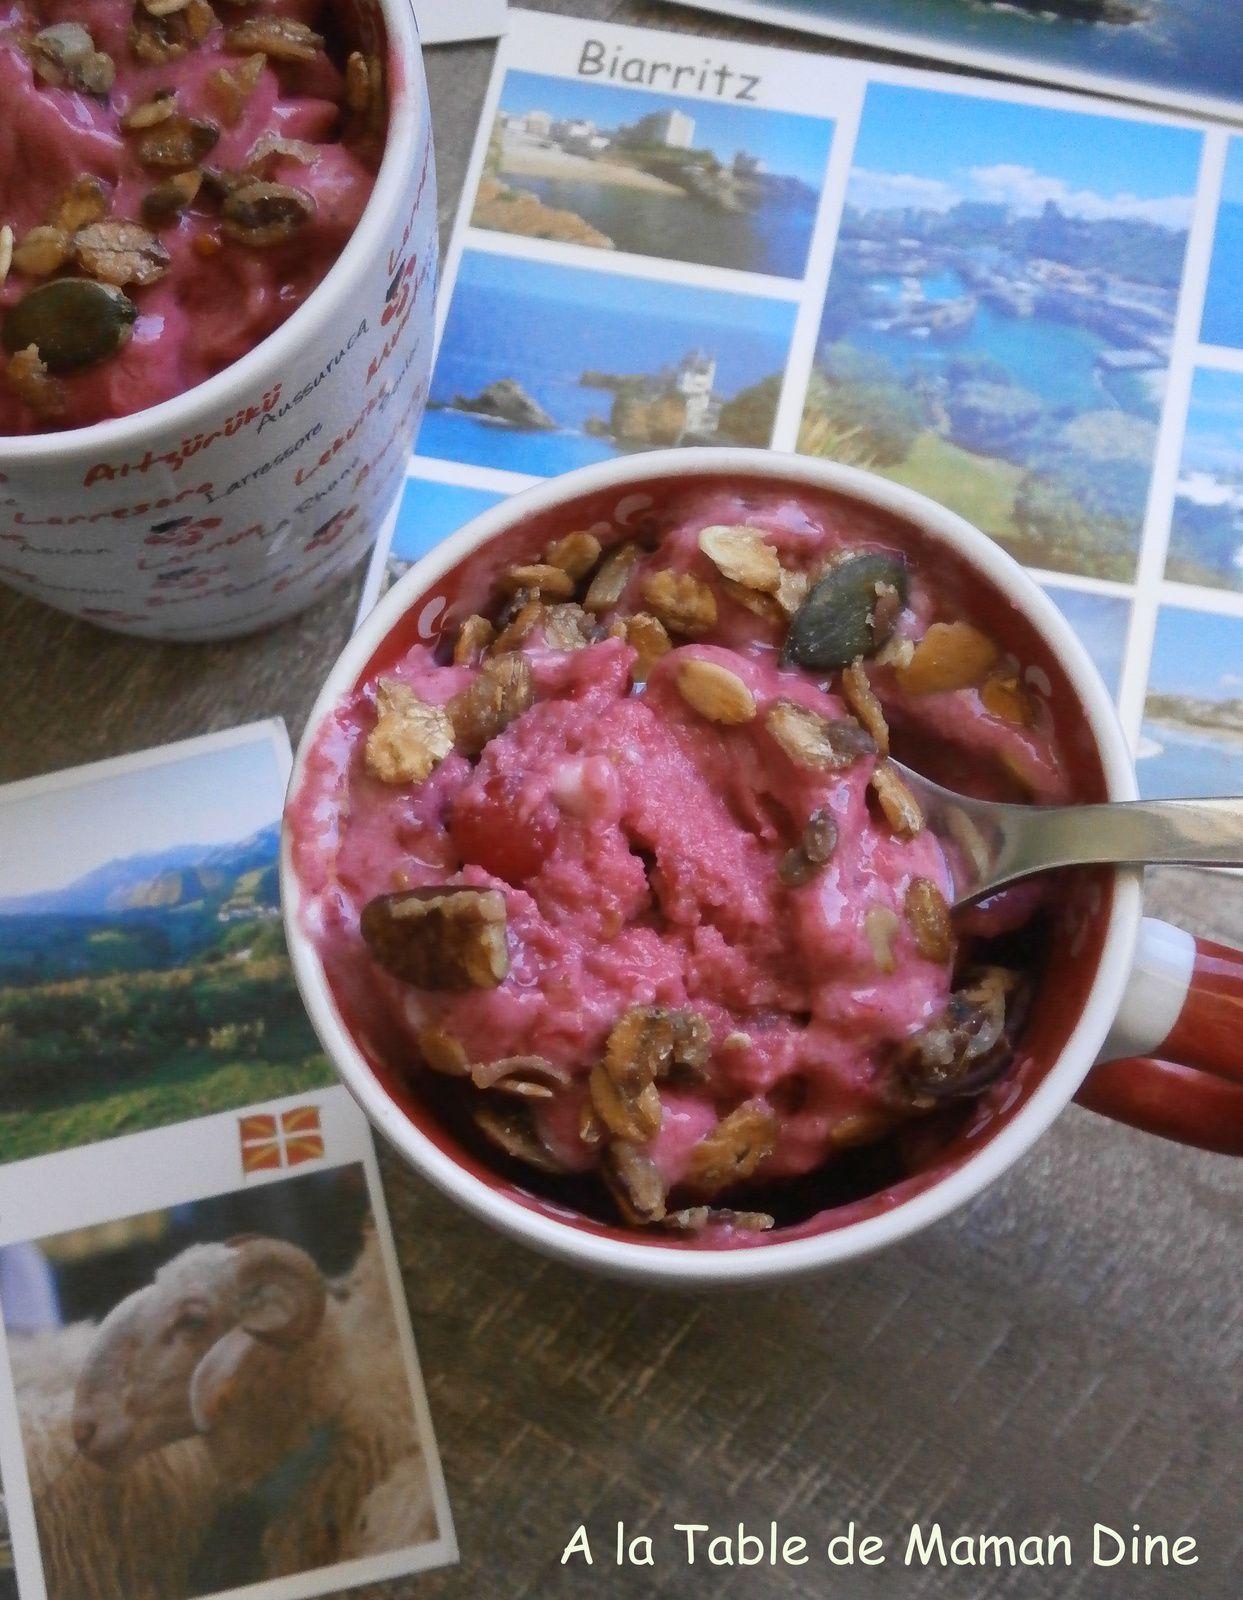 Frozen Yogurt fruité, végétalien &amp&#x3B; croustillant .... de retour d'Euskadi